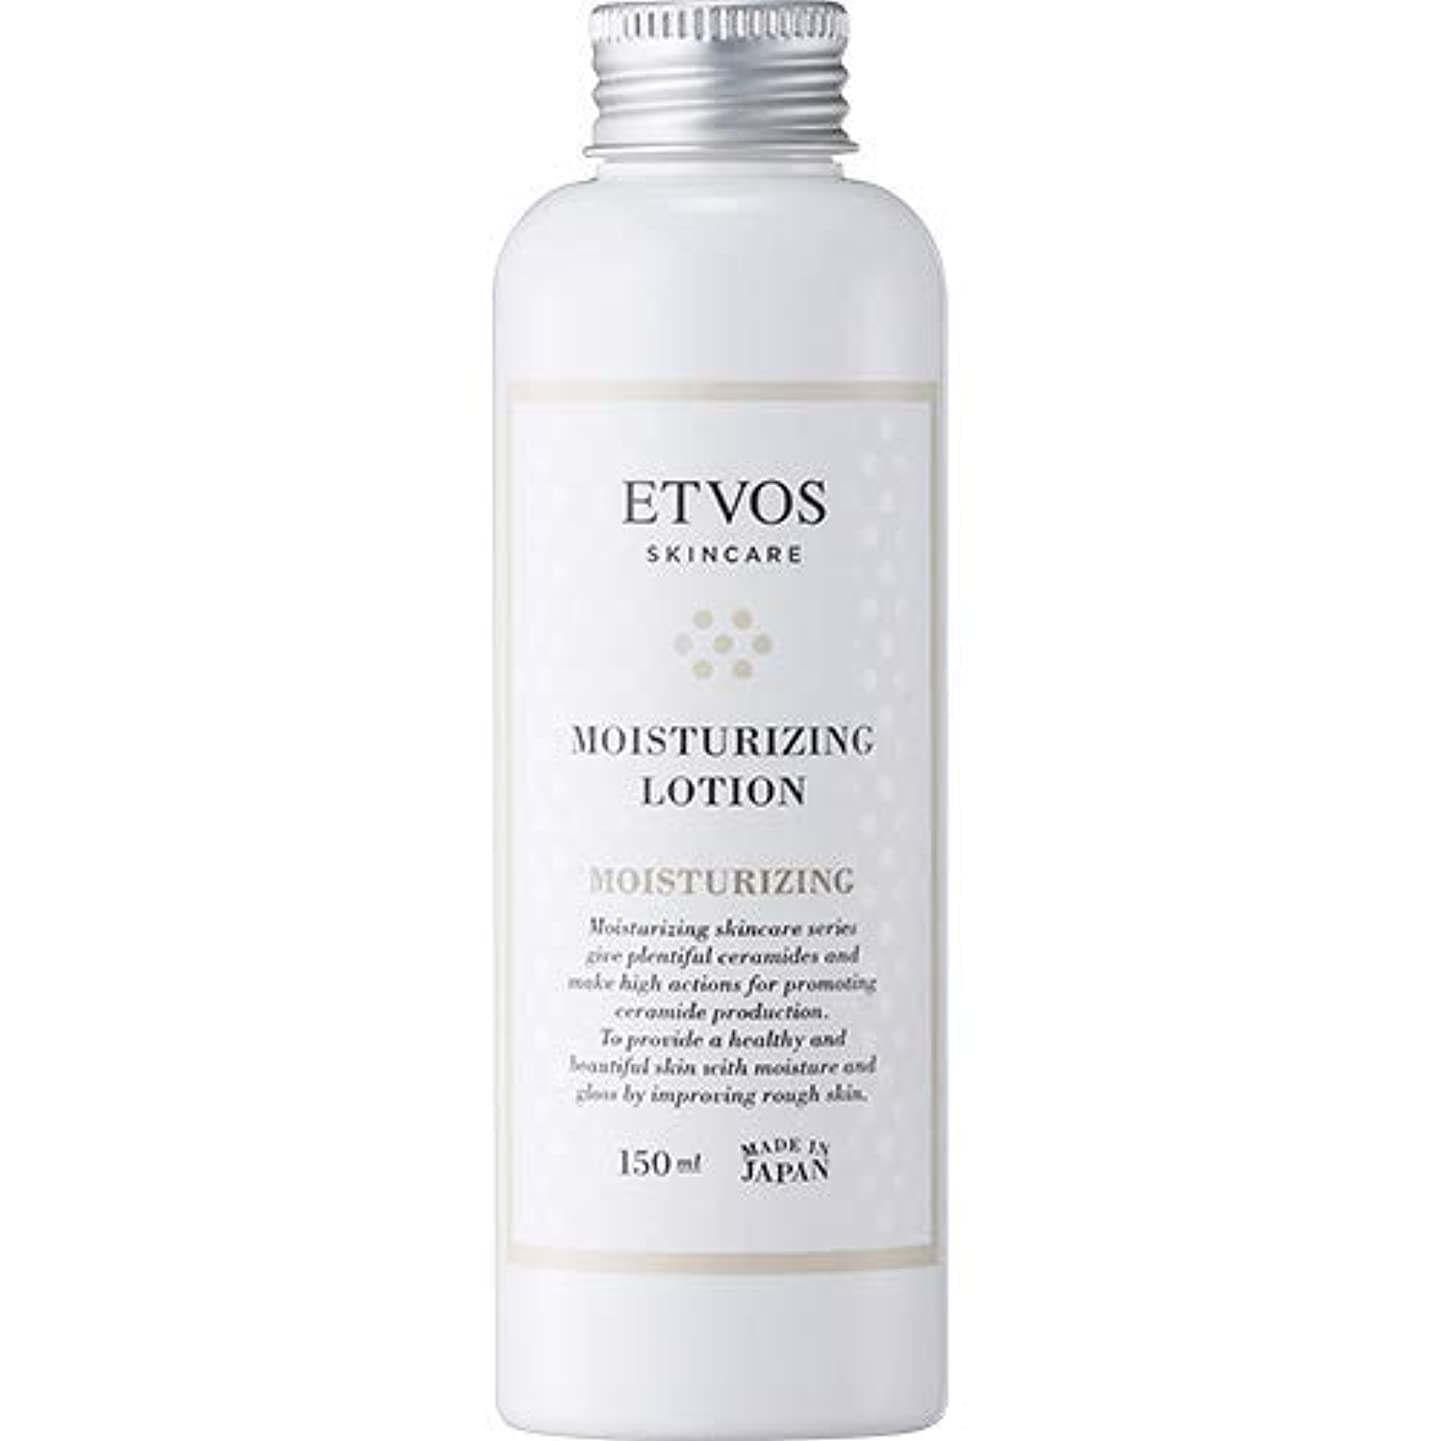 抑制する楽しい推定ETVOS(エトヴォス) 保湿化粧水 モイスチャライジングローション 150ml セラミド 乾燥肌 パラベンフリー